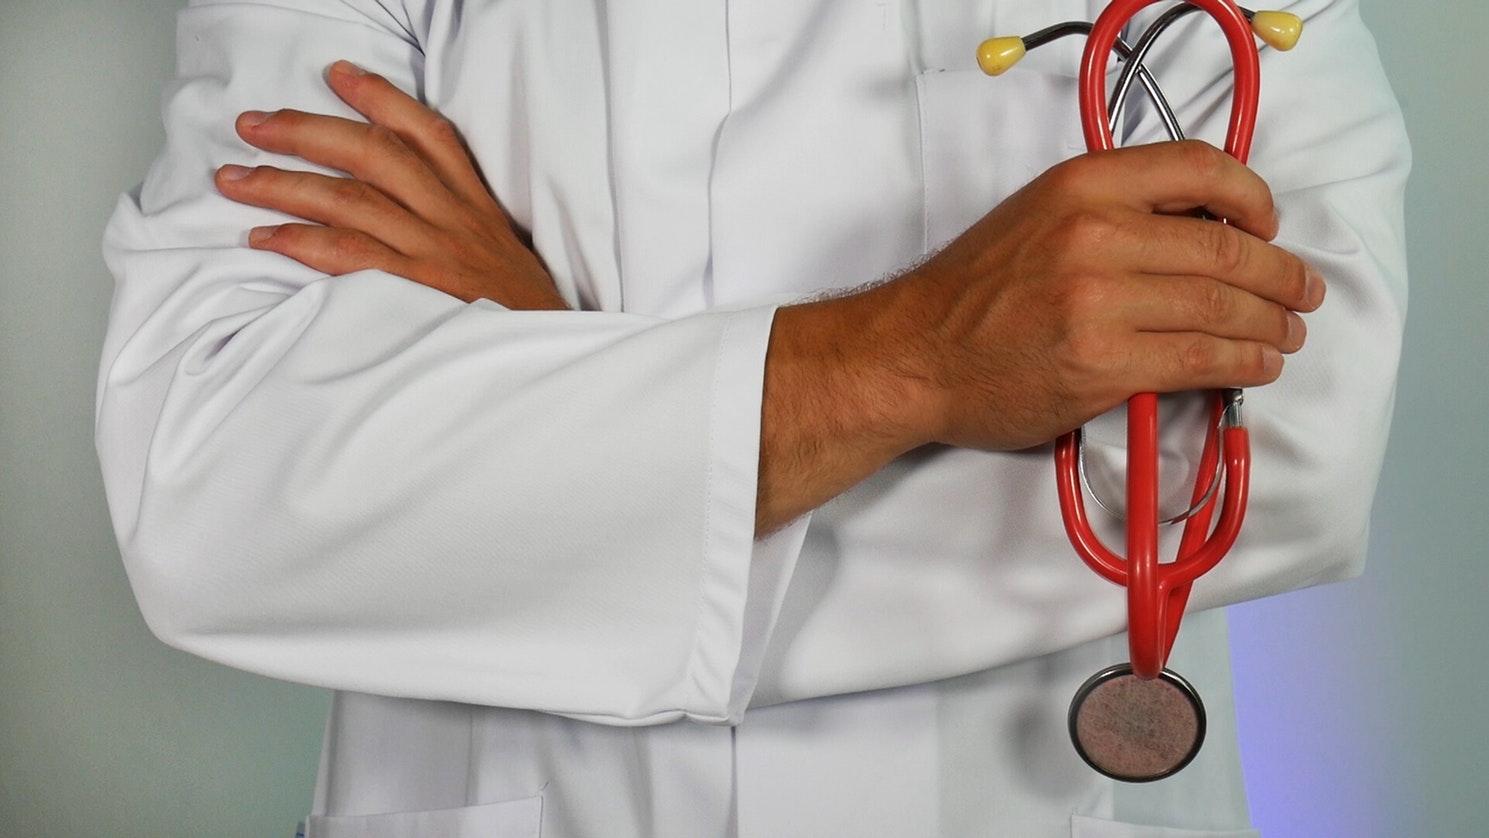 مطلوب ممرض أو ممرضة للعمل في مشفى في اسطنبول